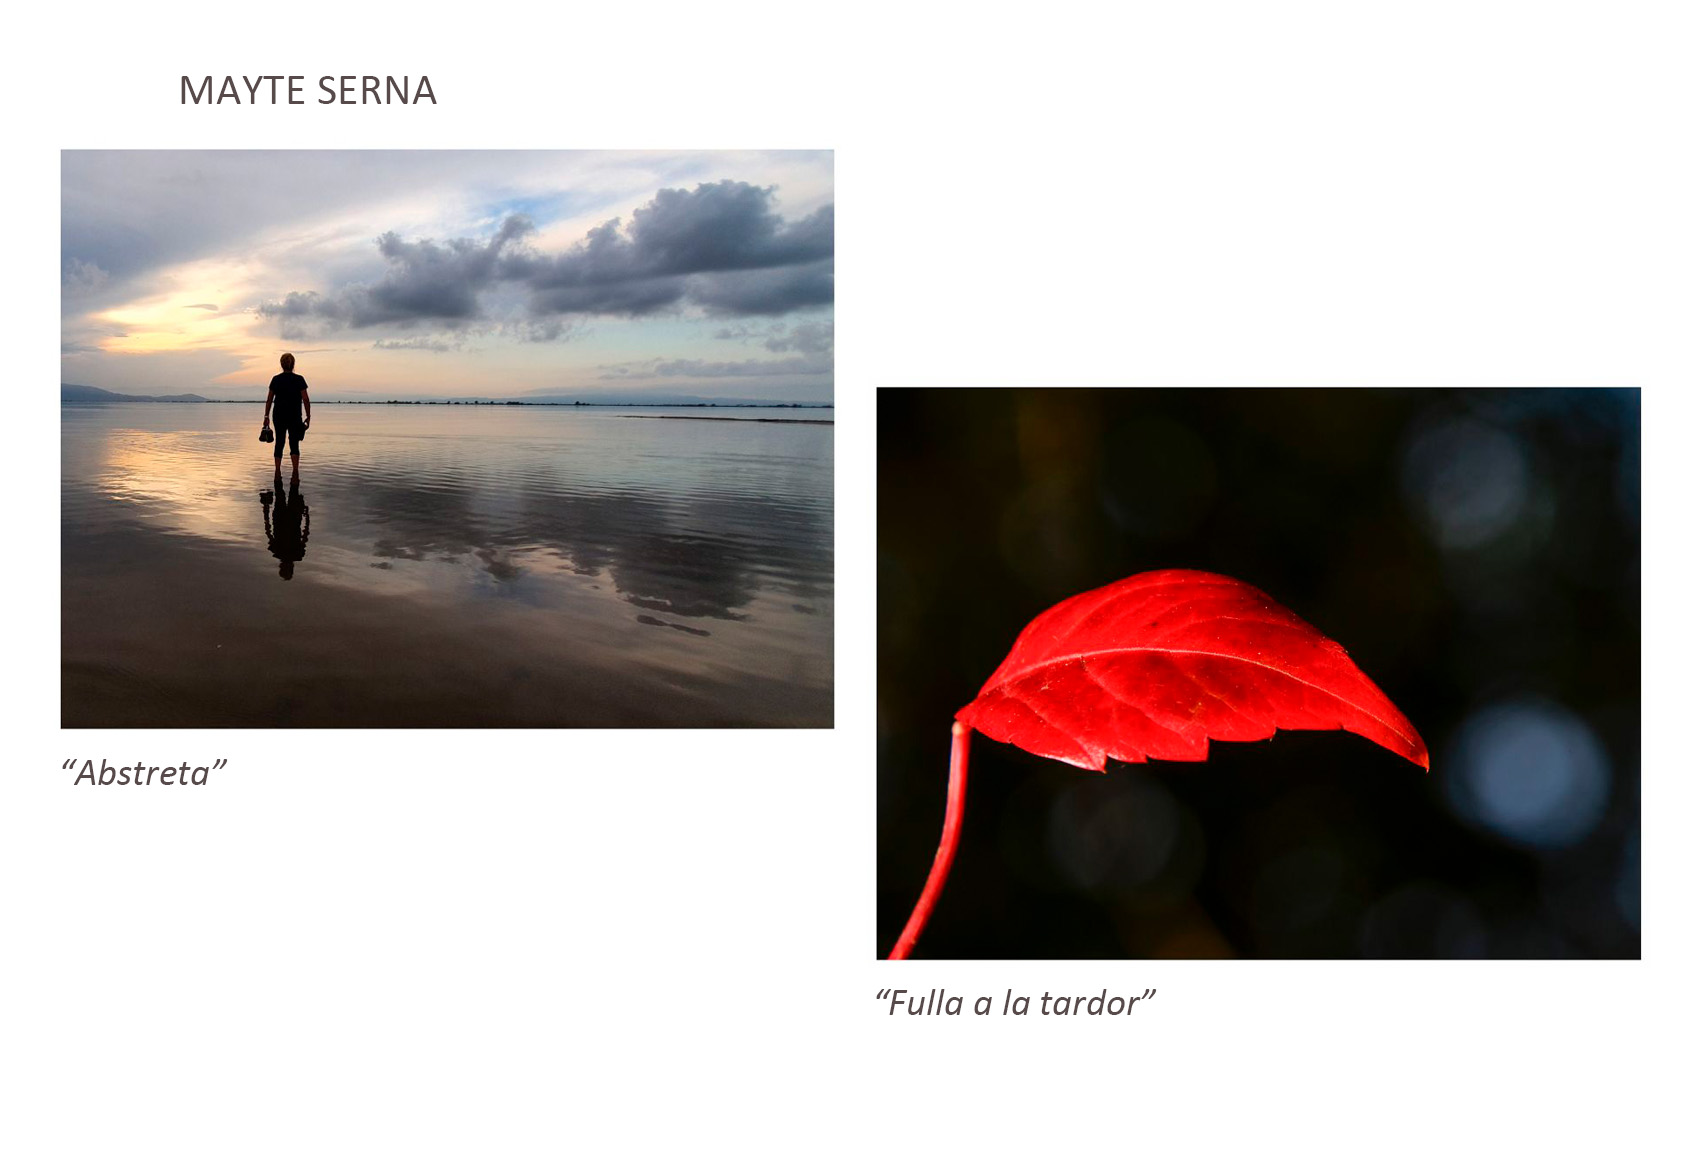 Mayte_Serna